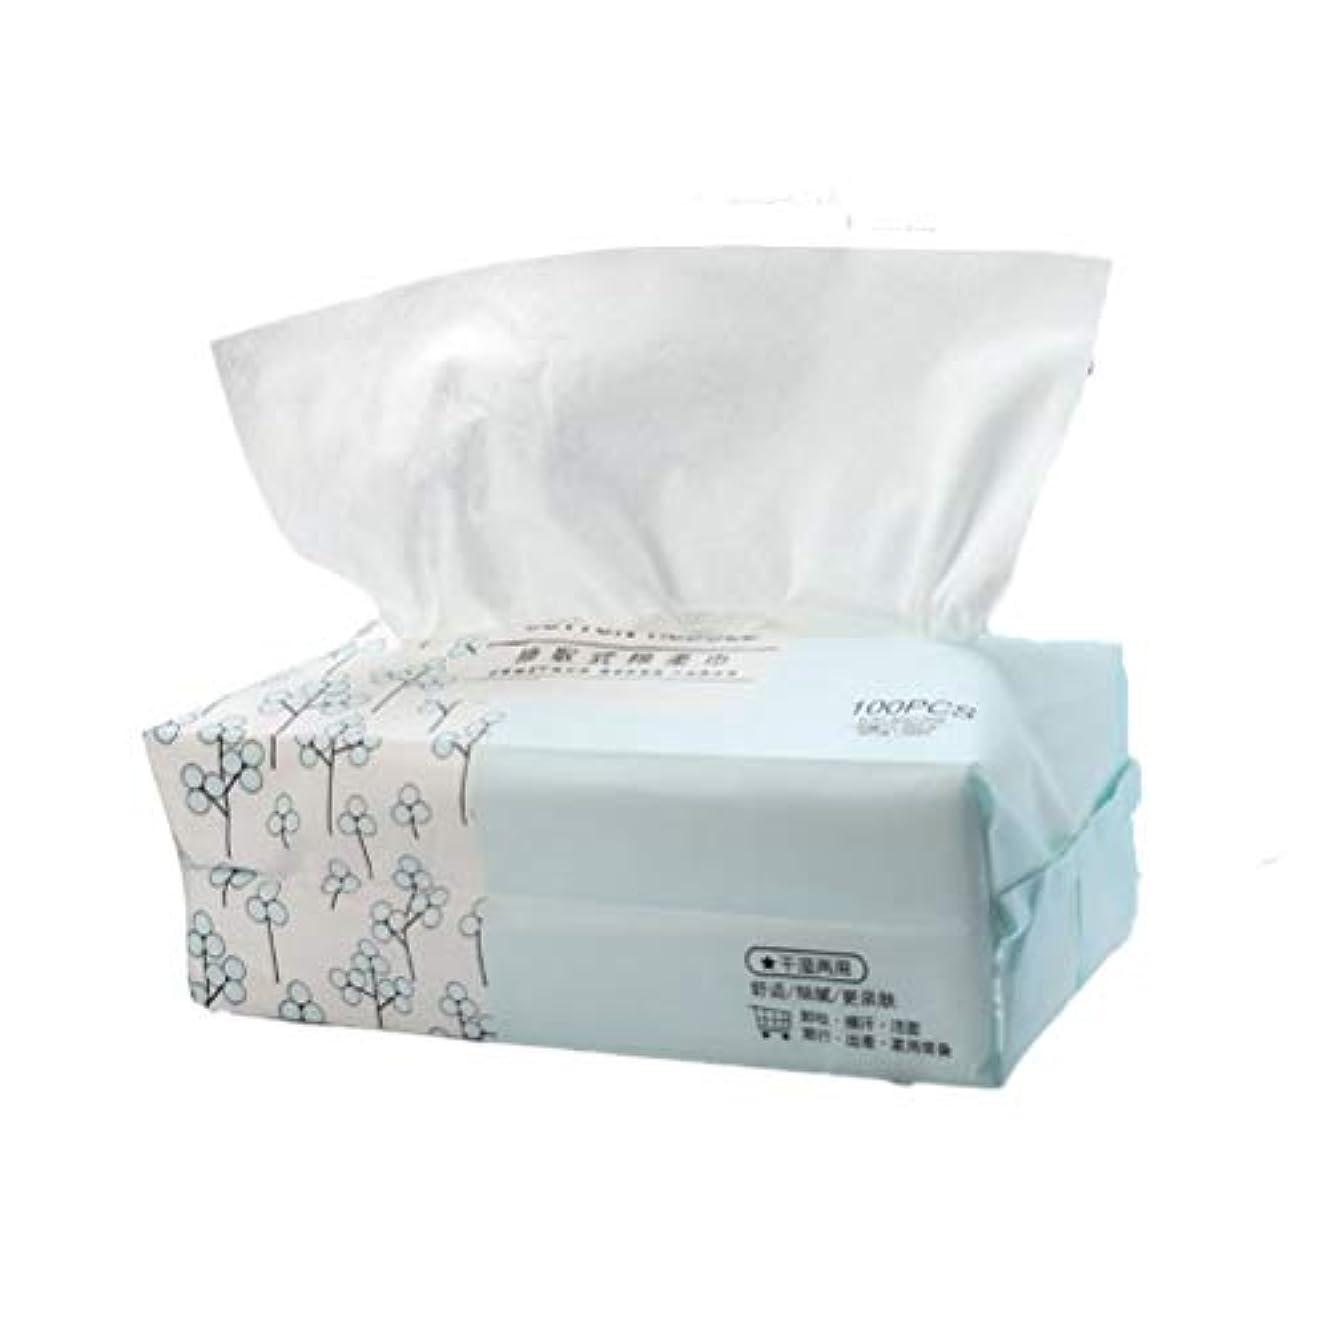 アブセイ初期の後ろにLurrose 化粧品の綿のパッドを洗うための100個の使い捨てタオルは、フェイスタオルを拭く拭き取りを構成します